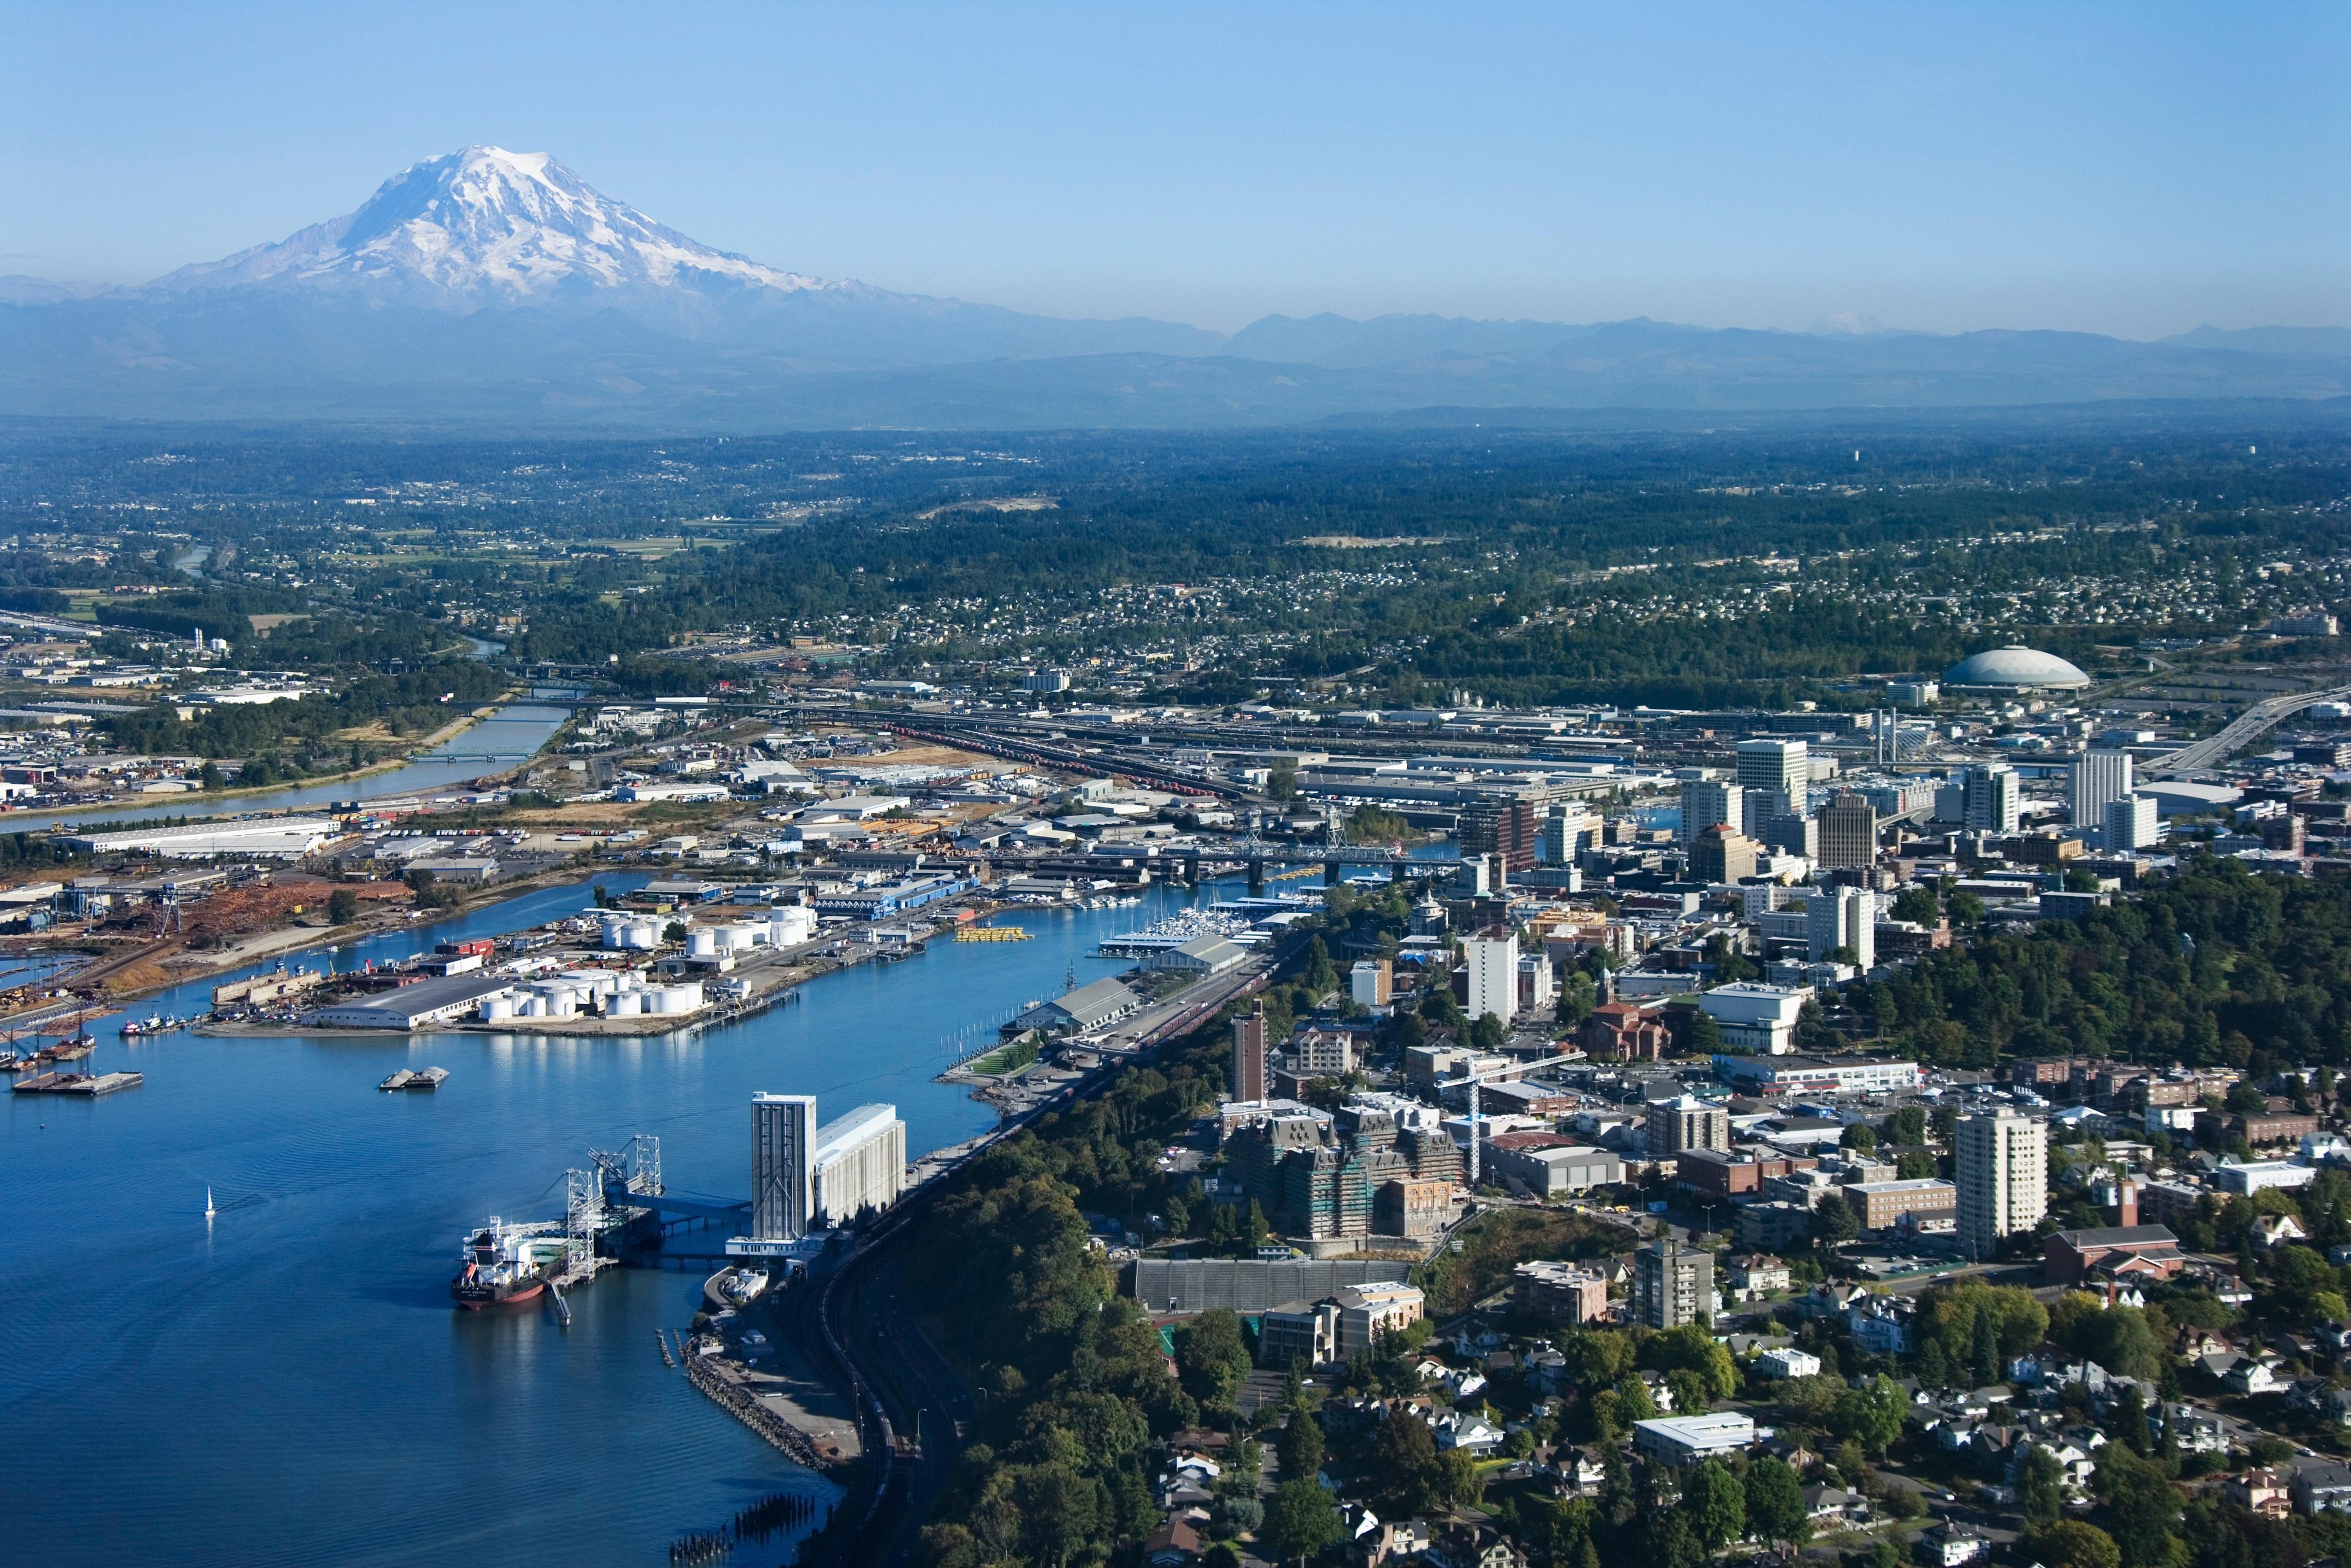 Tacoma, Washington, United States of America